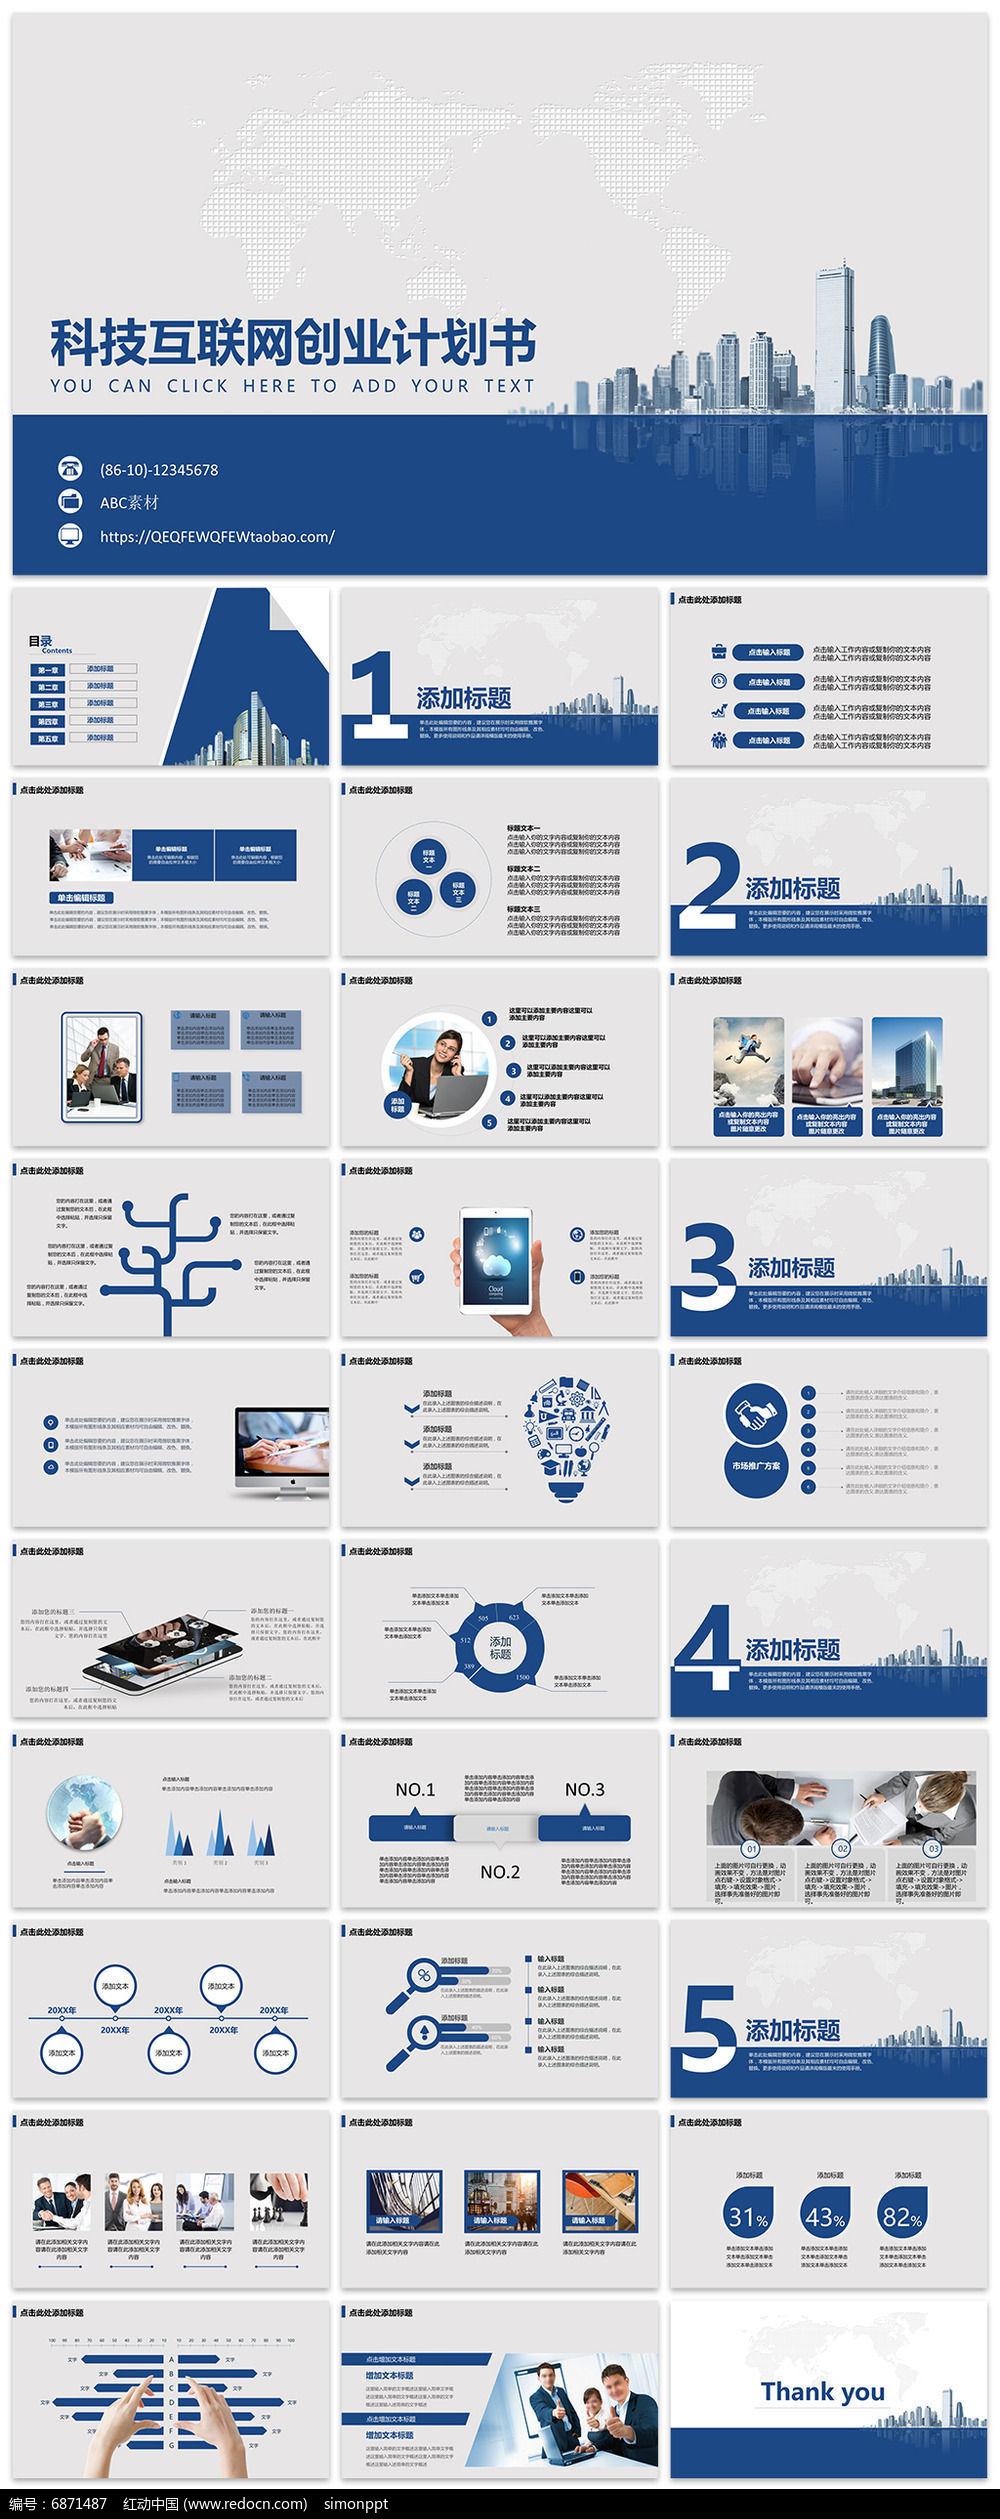 框架完整的创业计划书商业融资计划书PPT图片